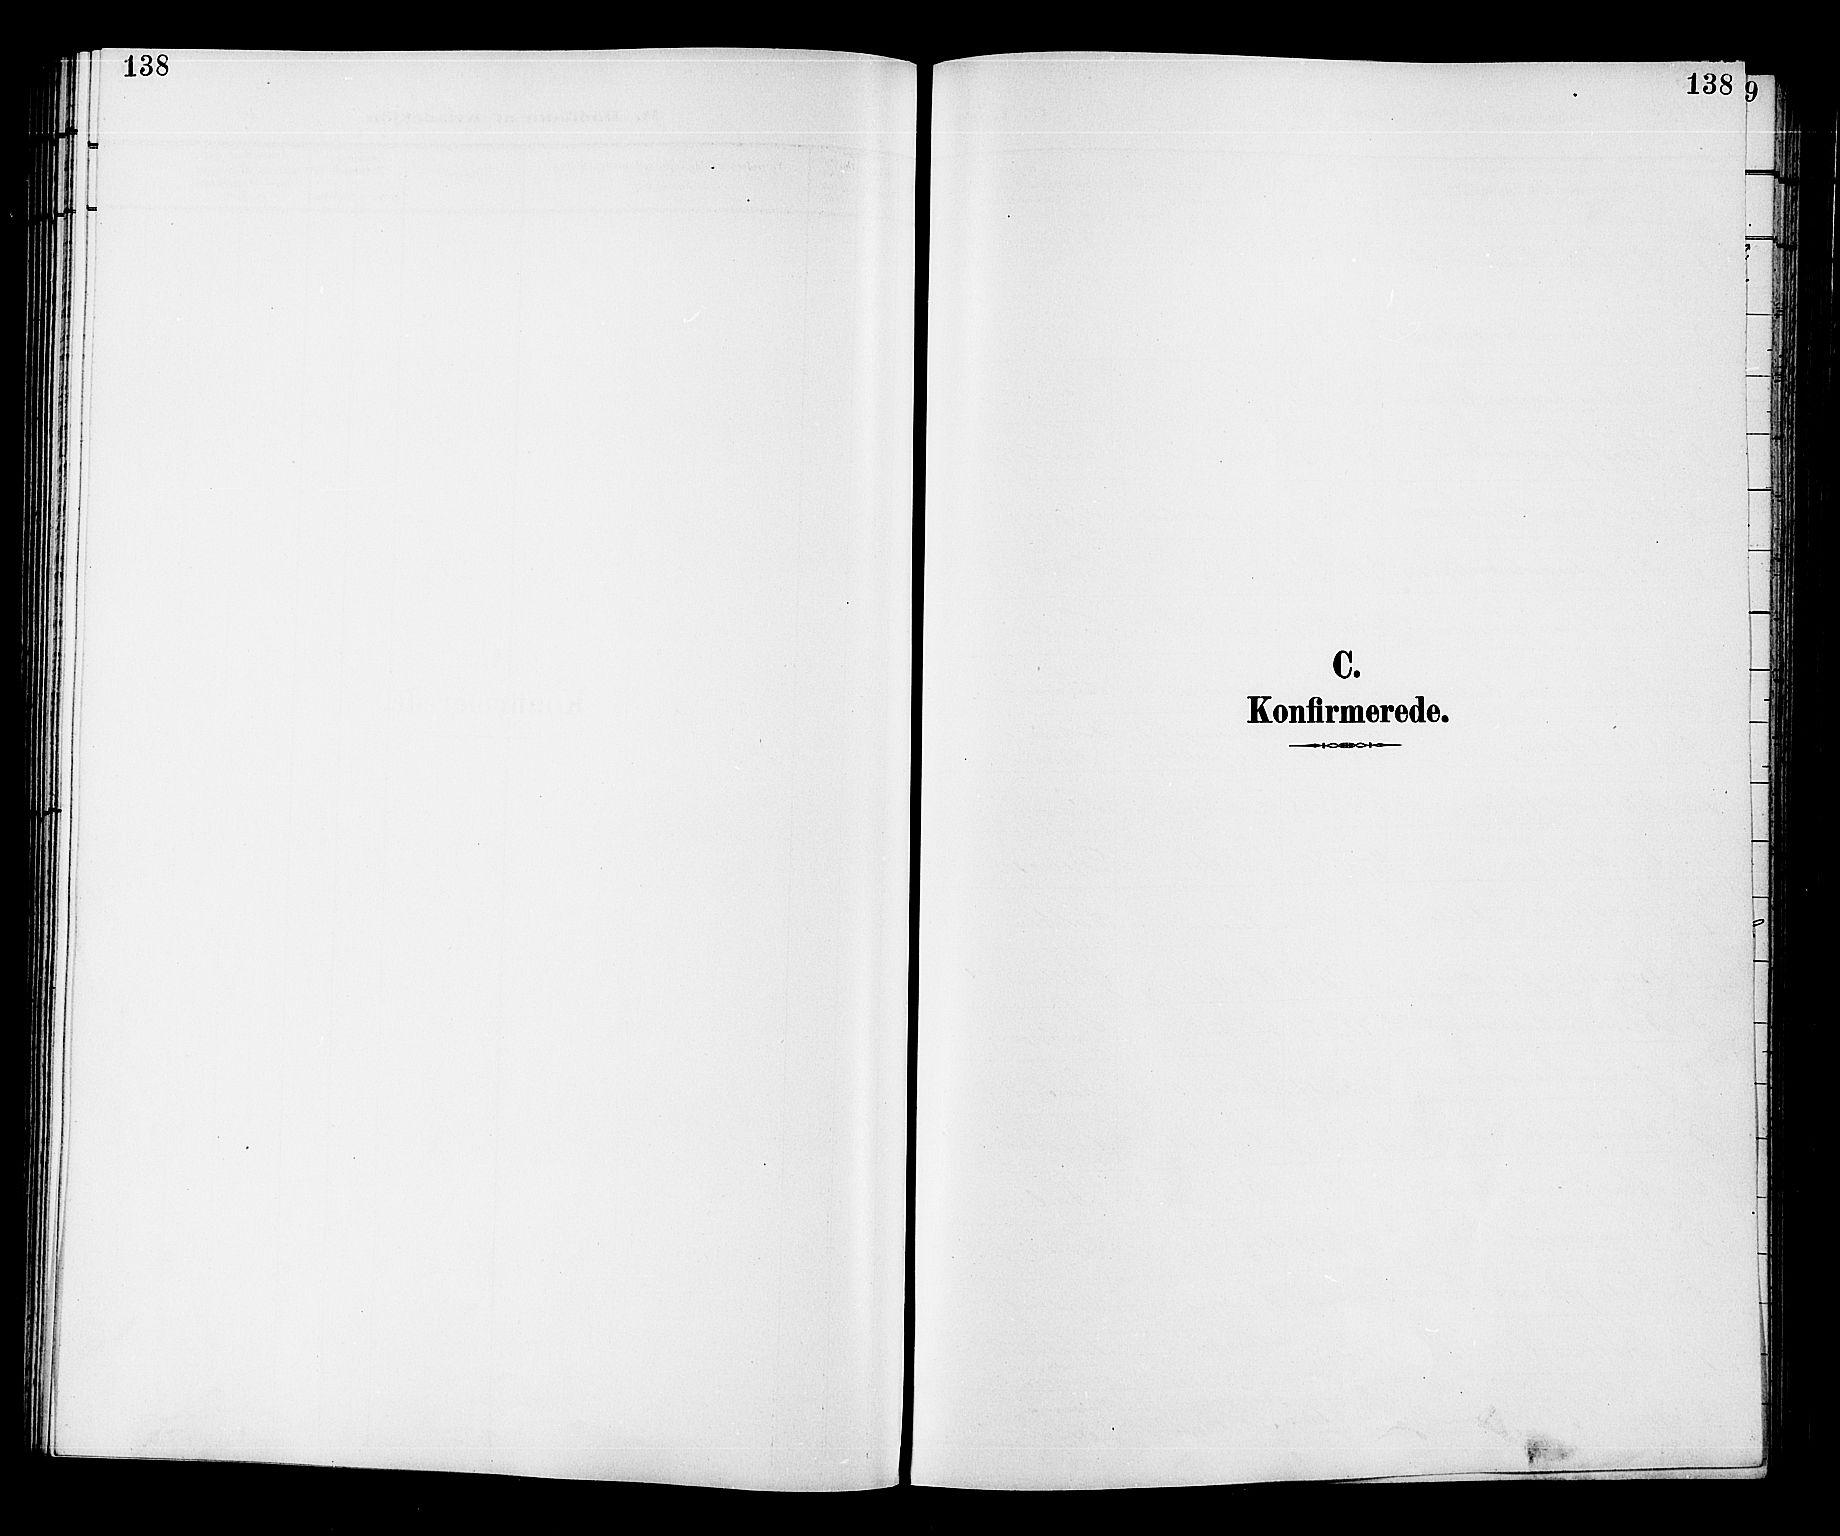 SAKO, Fiskum kirkebøker, G/Ga/L0005: Klokkerbok nr. 5, 1887-1912, s. 138